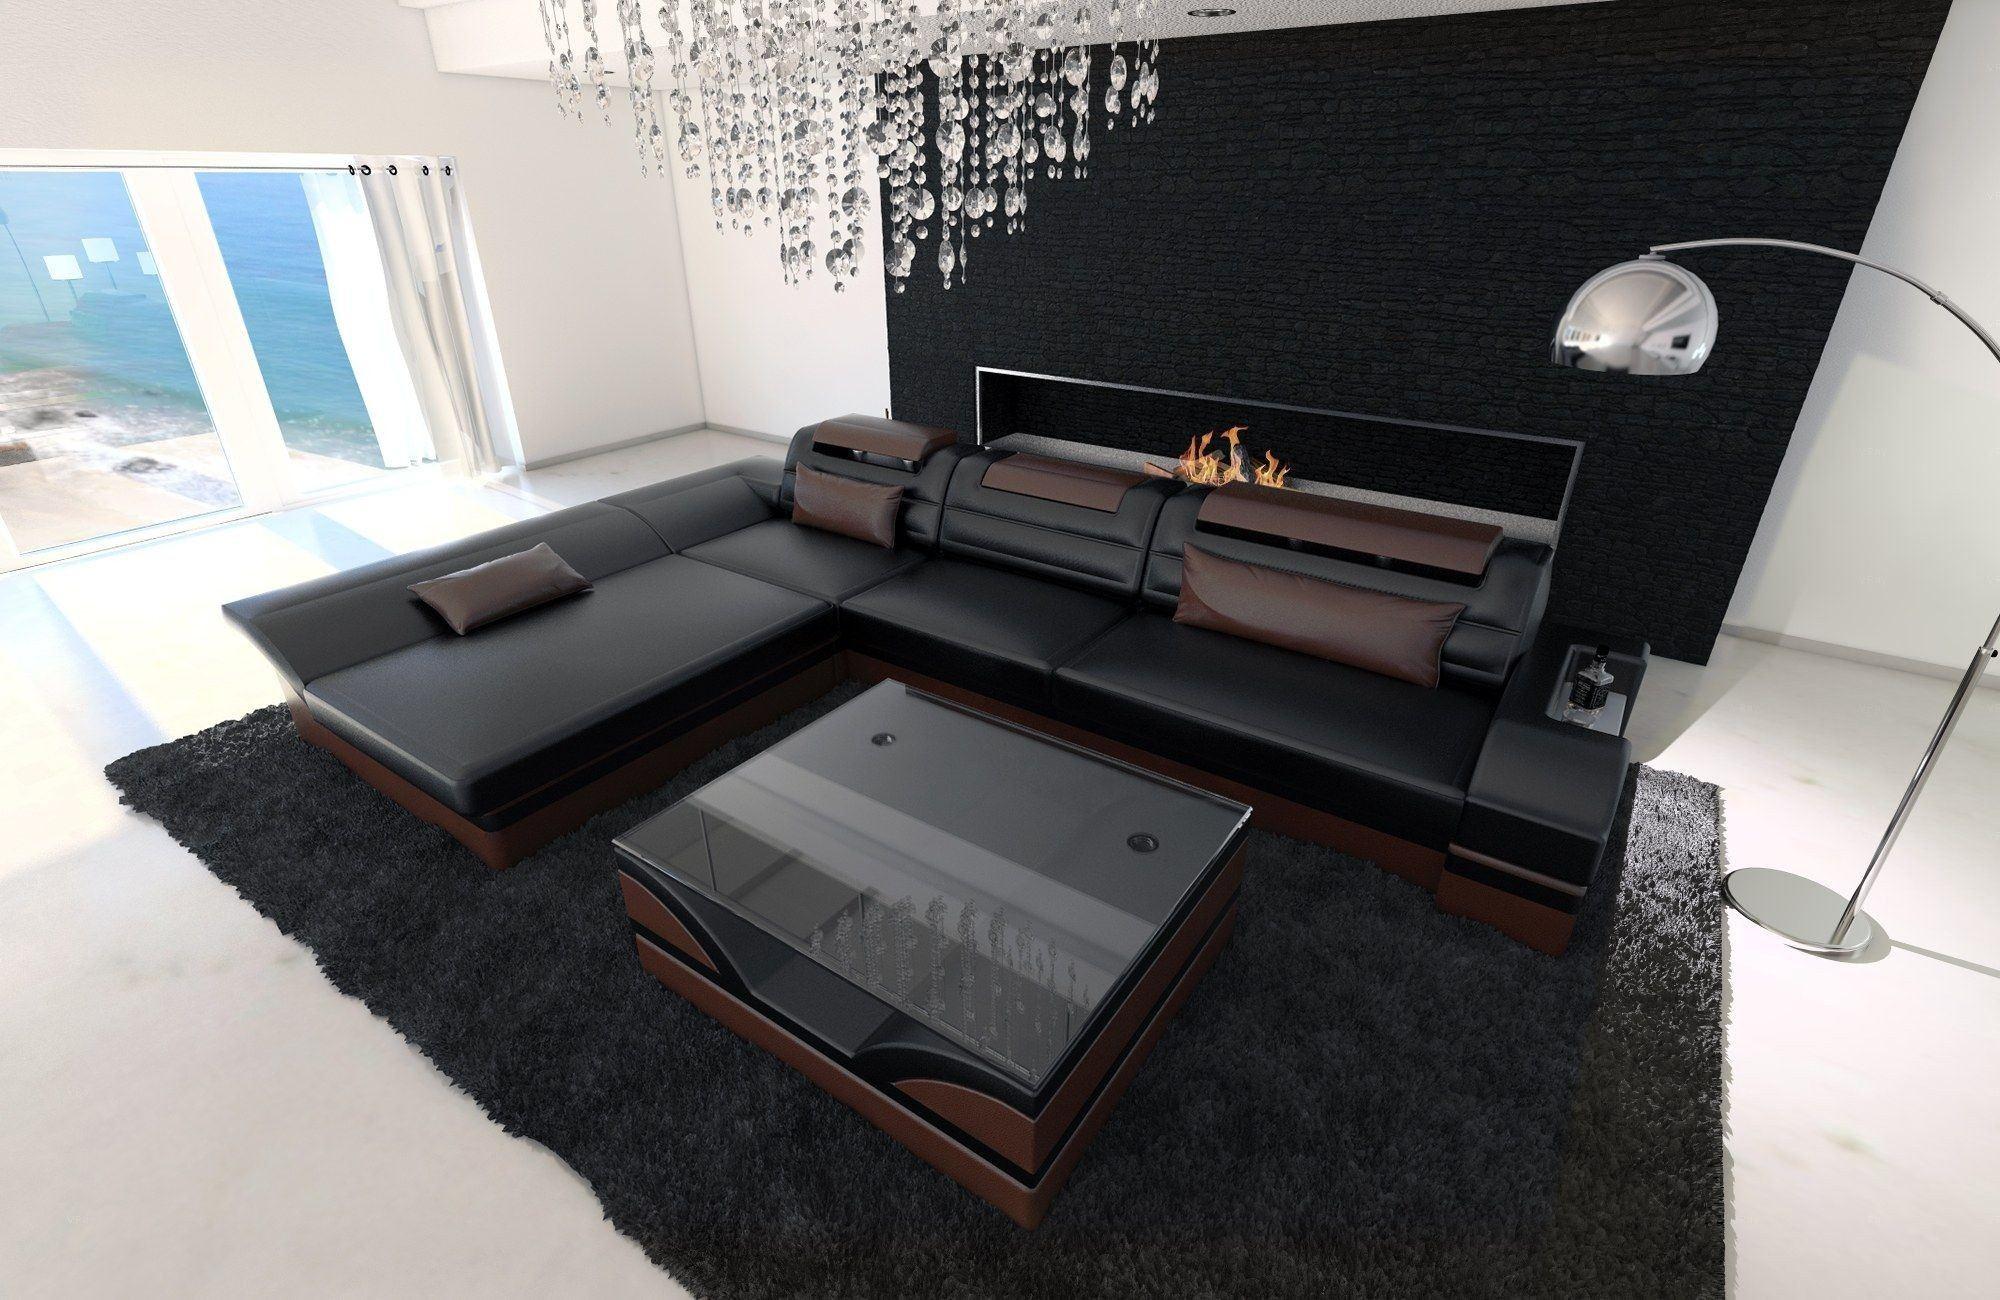 ledersofa monza l form schwarz braun. Black Bedroom Furniture Sets. Home Design Ideas